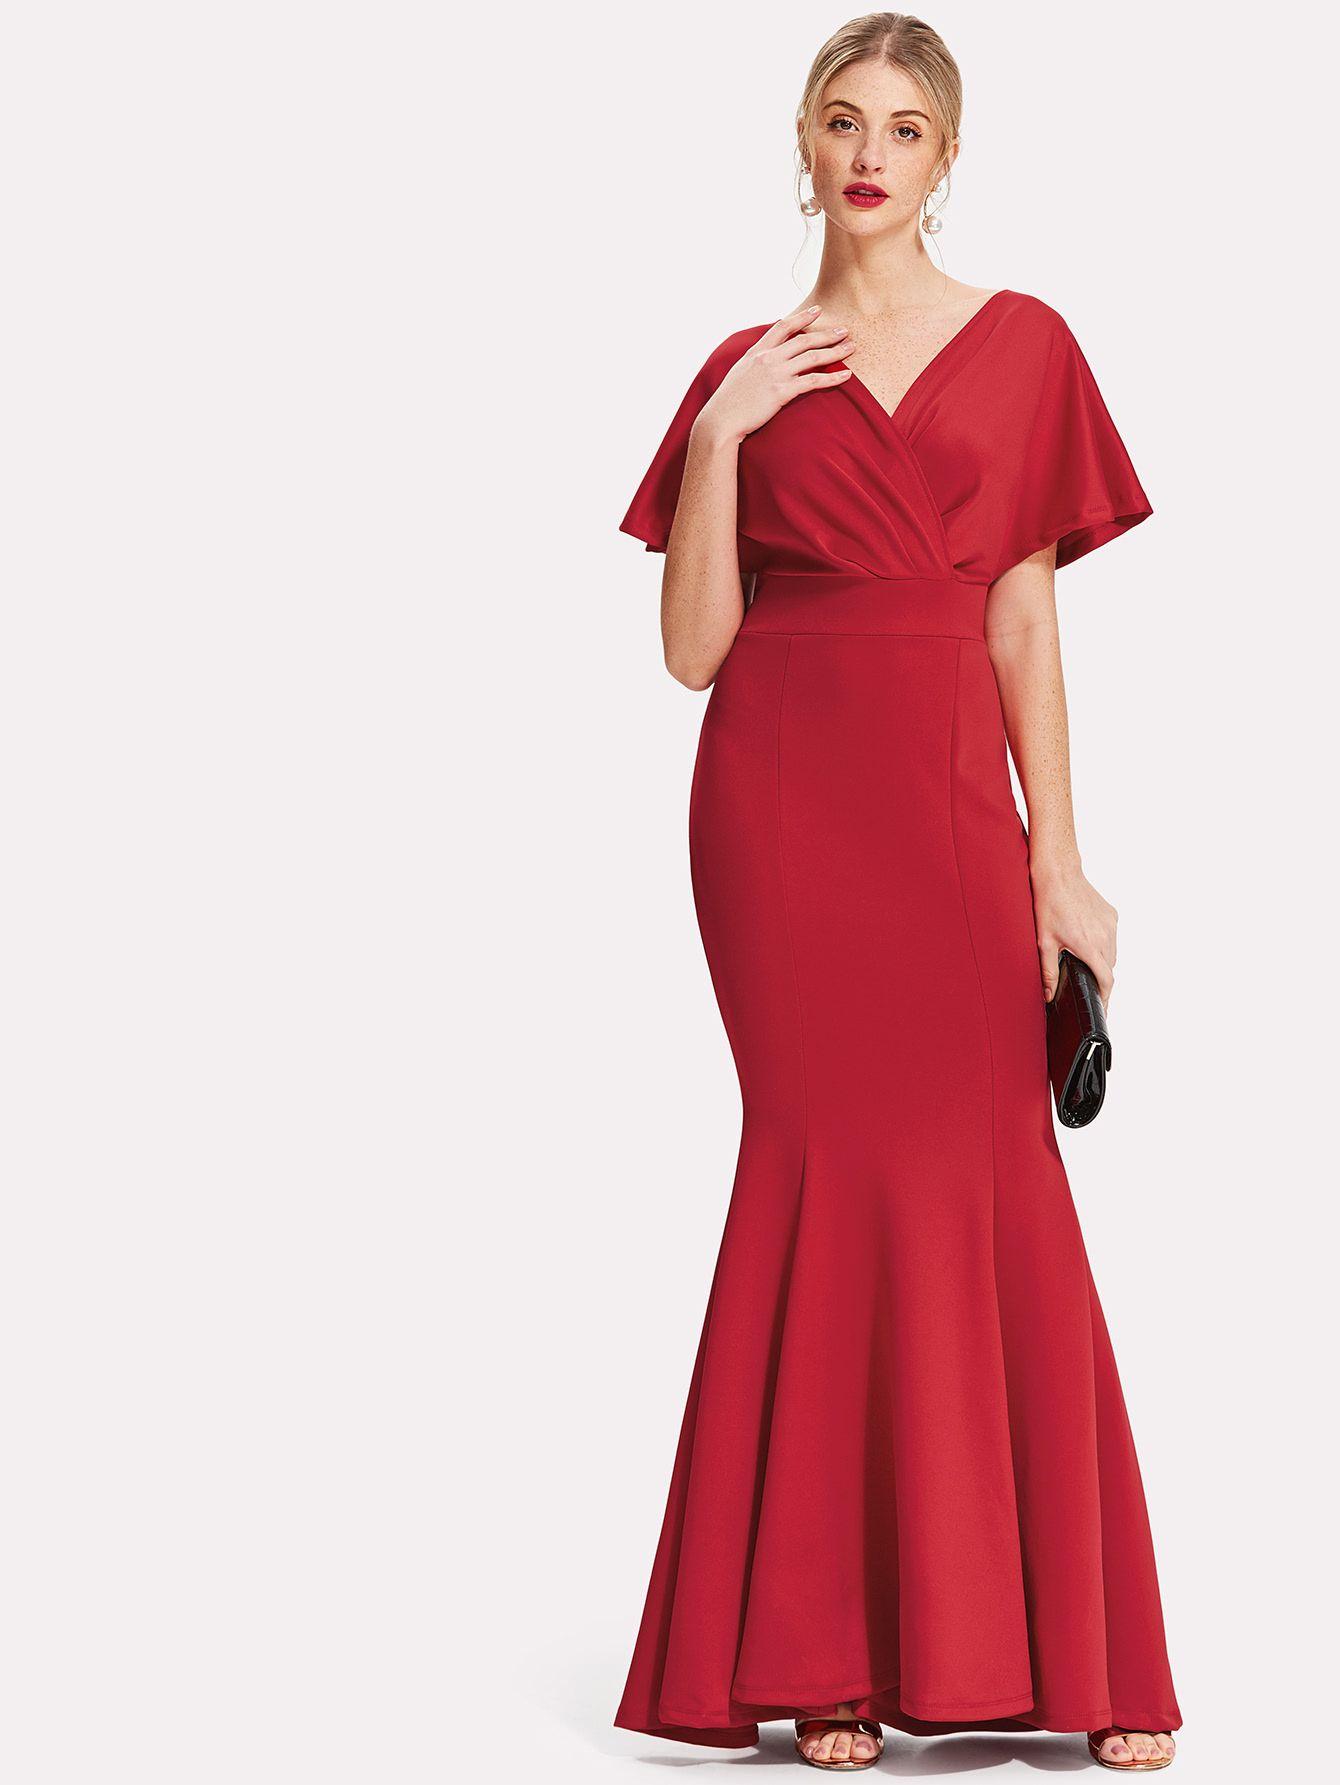 b77e15723a Surplice Neckline Fishtail Hem Dress -SheIn(Sheinside) | Formal Wear ...